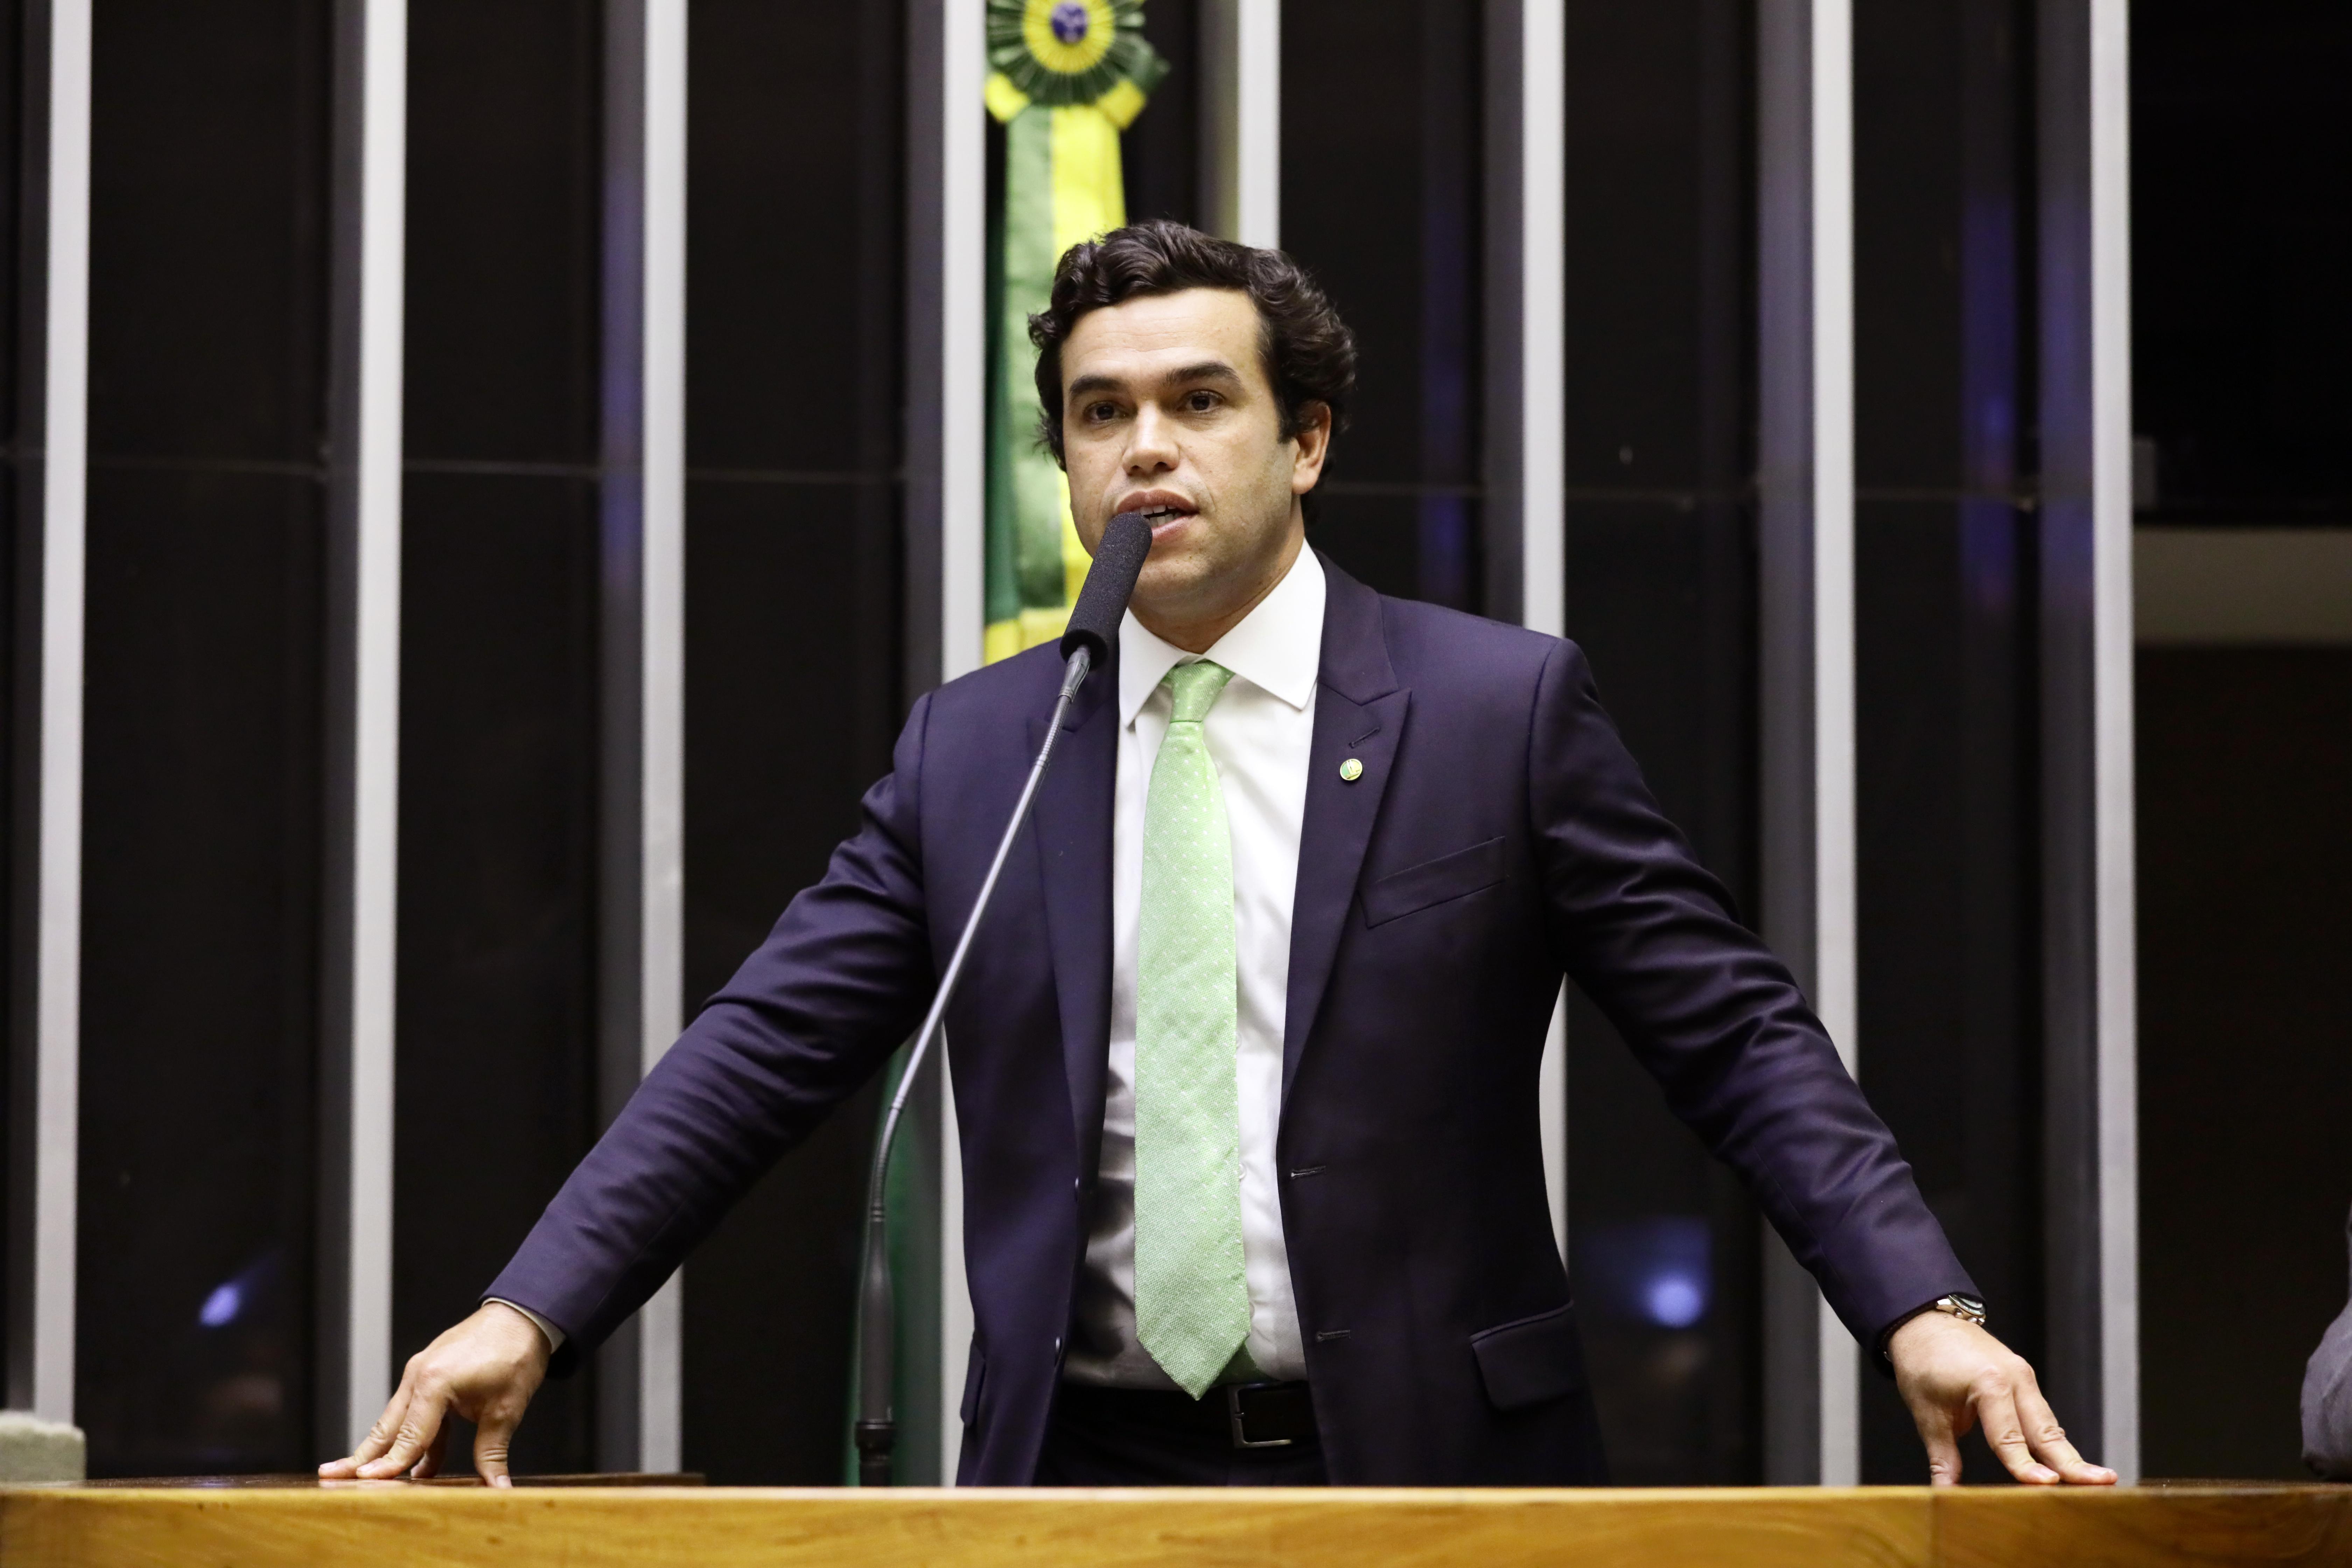 Ordem do dia para discussão e votação de diversos projetos. Dep. Beto Pereira (PSDB - MS)